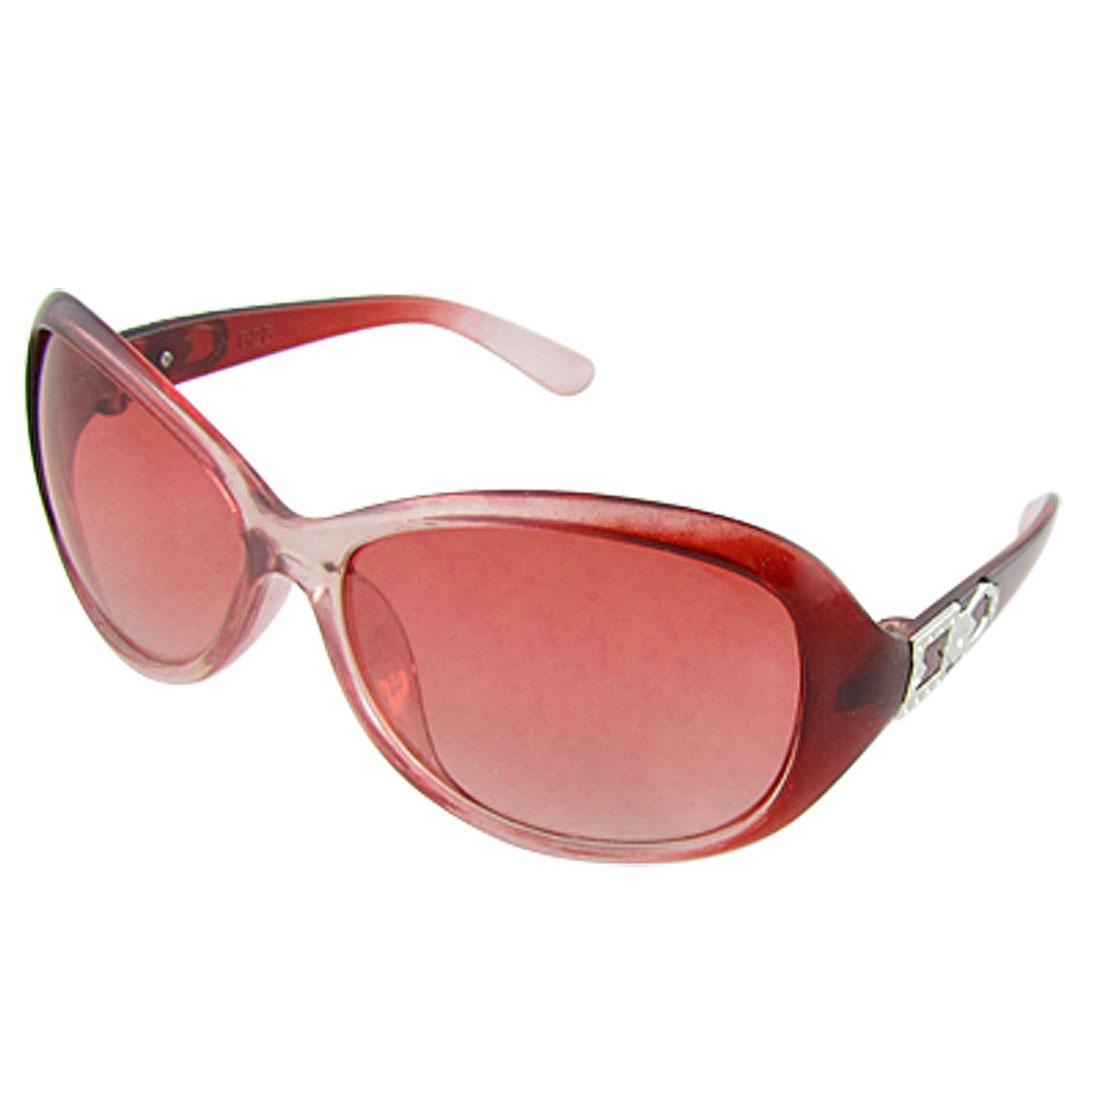 Oversized Lens Clear Plastic Full Rim Frame Ladies Sunglasses